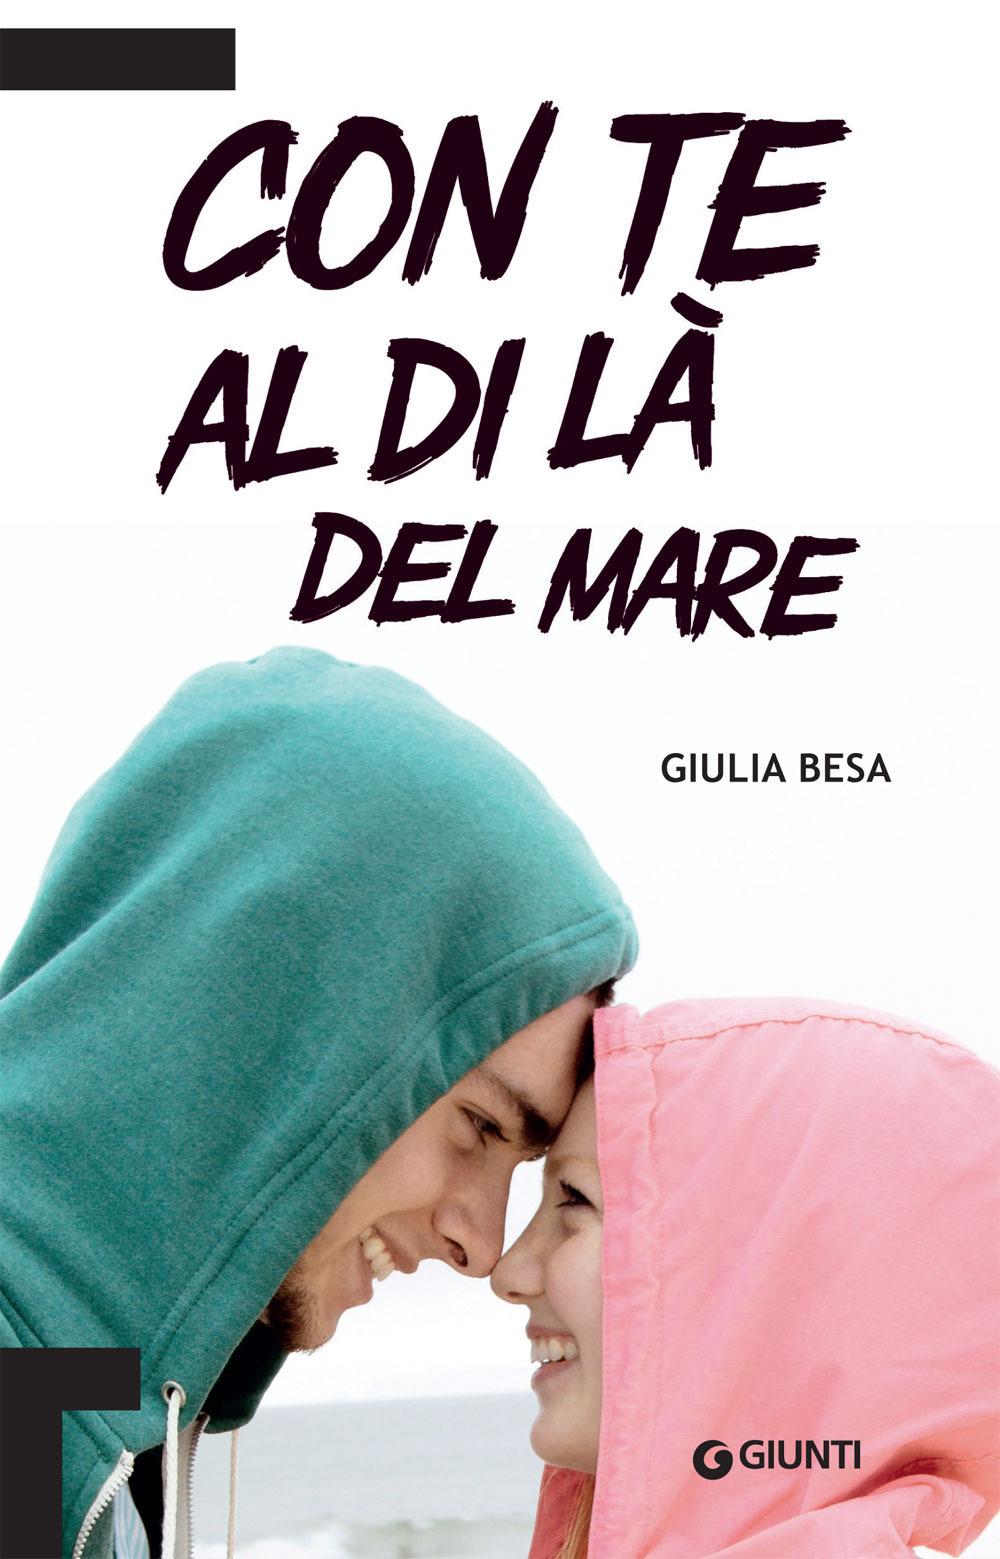 Con te al di là del mare (With you, beyond the sea)